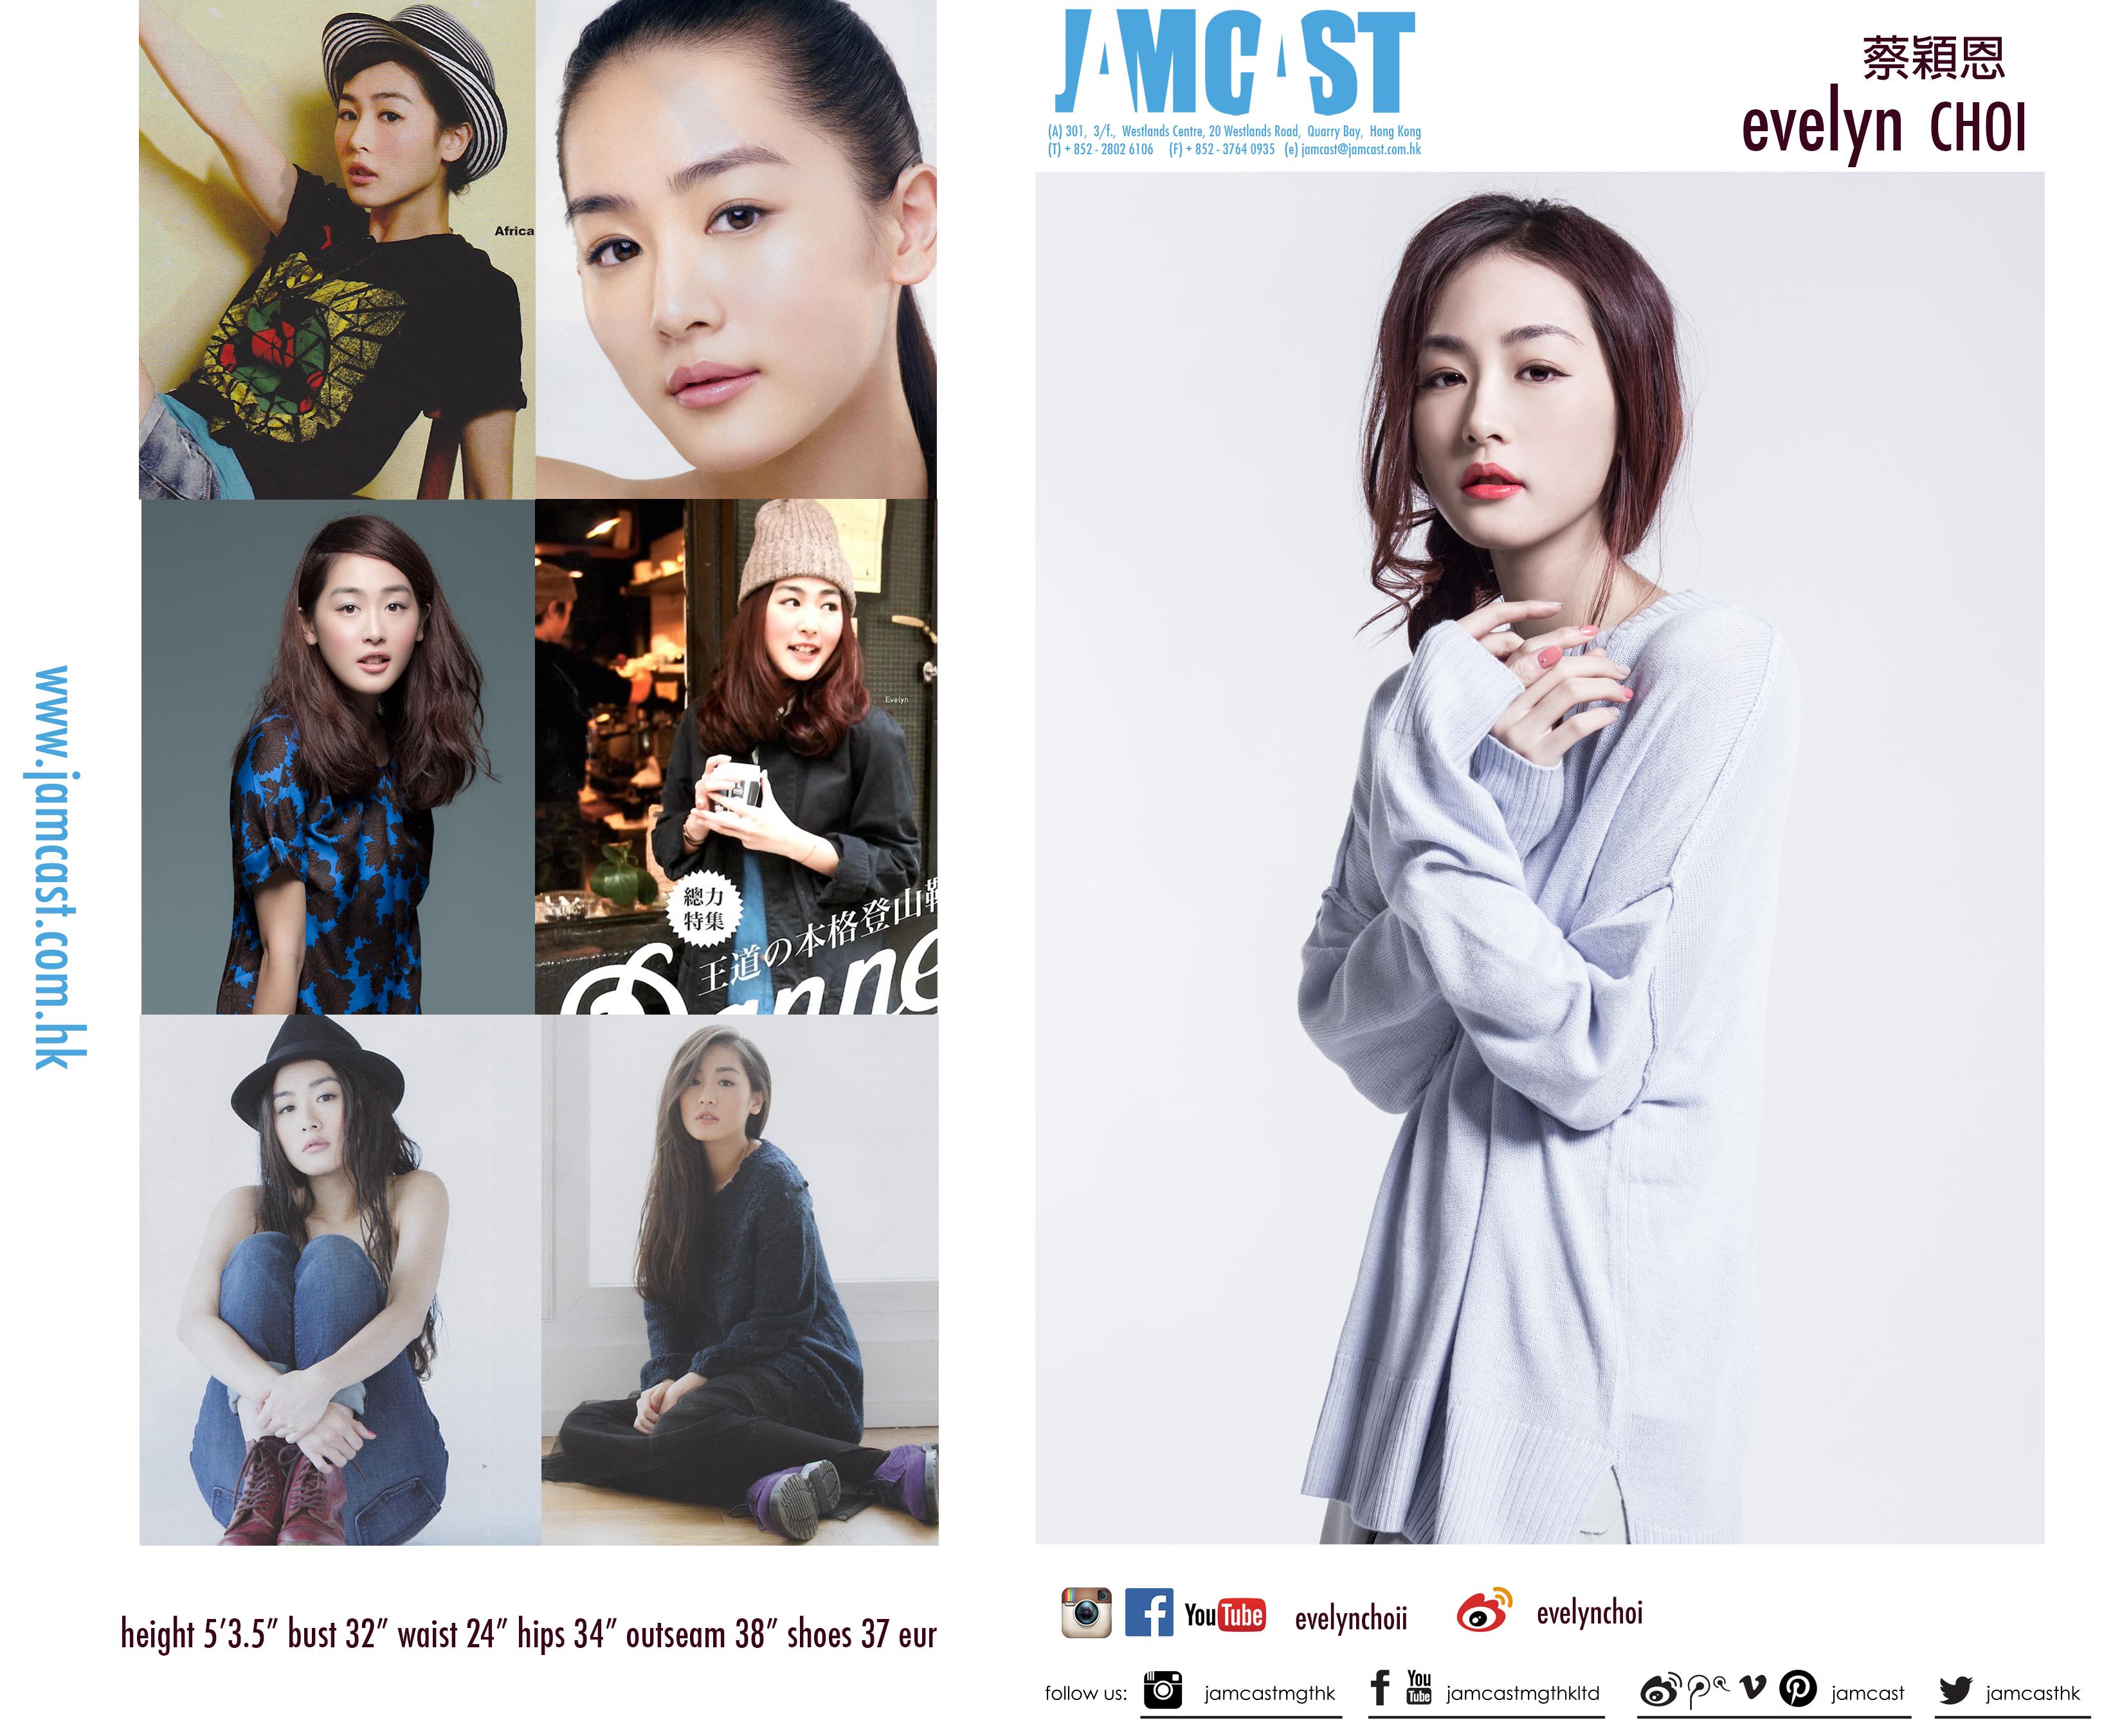 Evelyn Choi Card